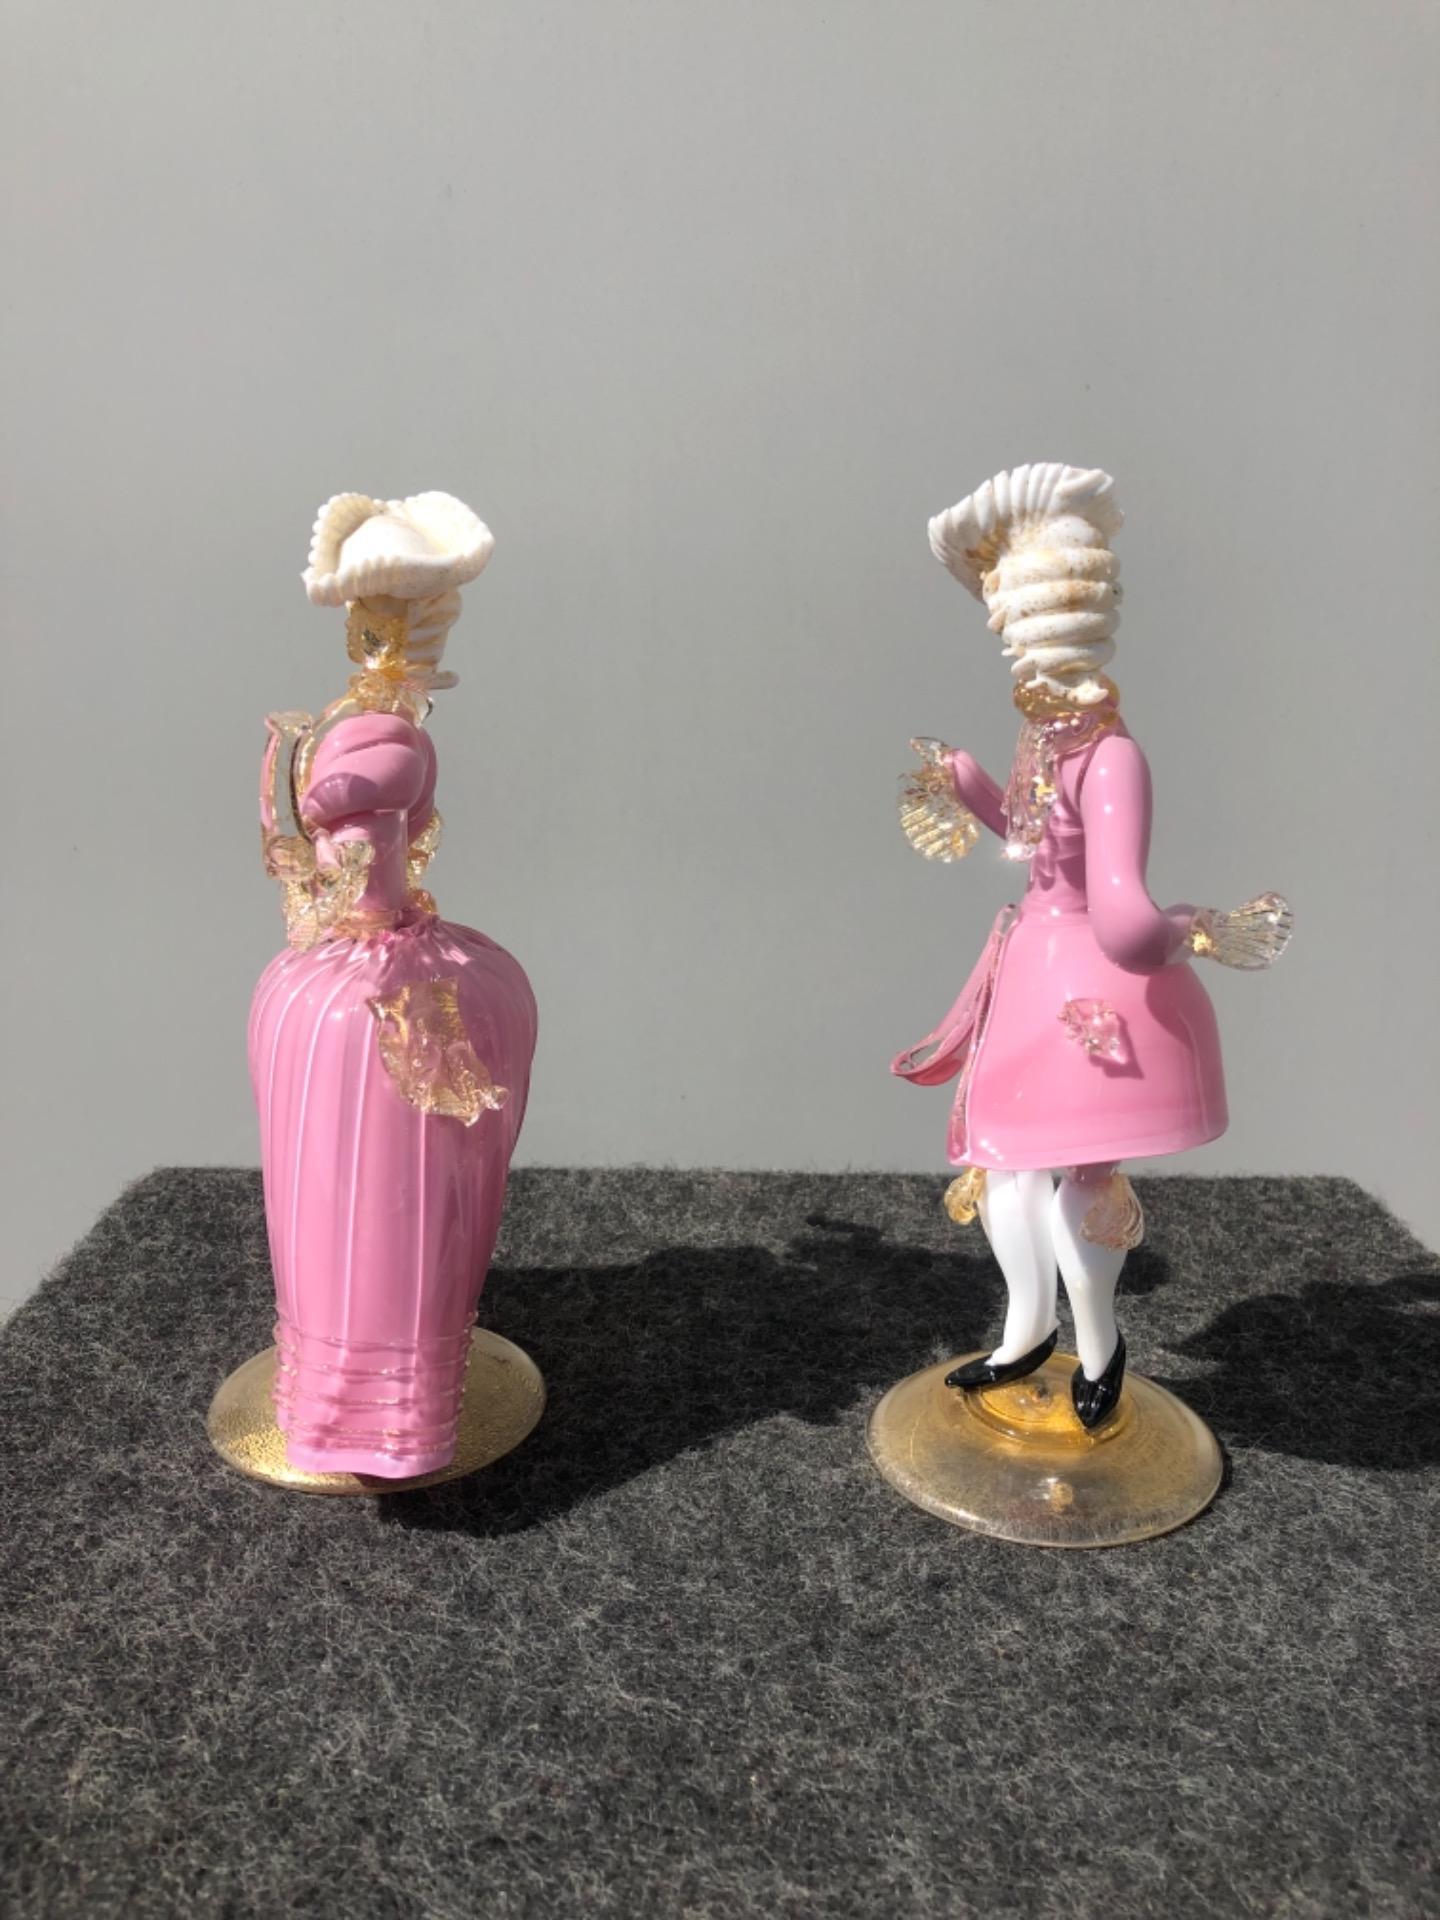 thumb5|Coppia di figure cavaliere e dama in vetro con inclusioni in oro.Murano